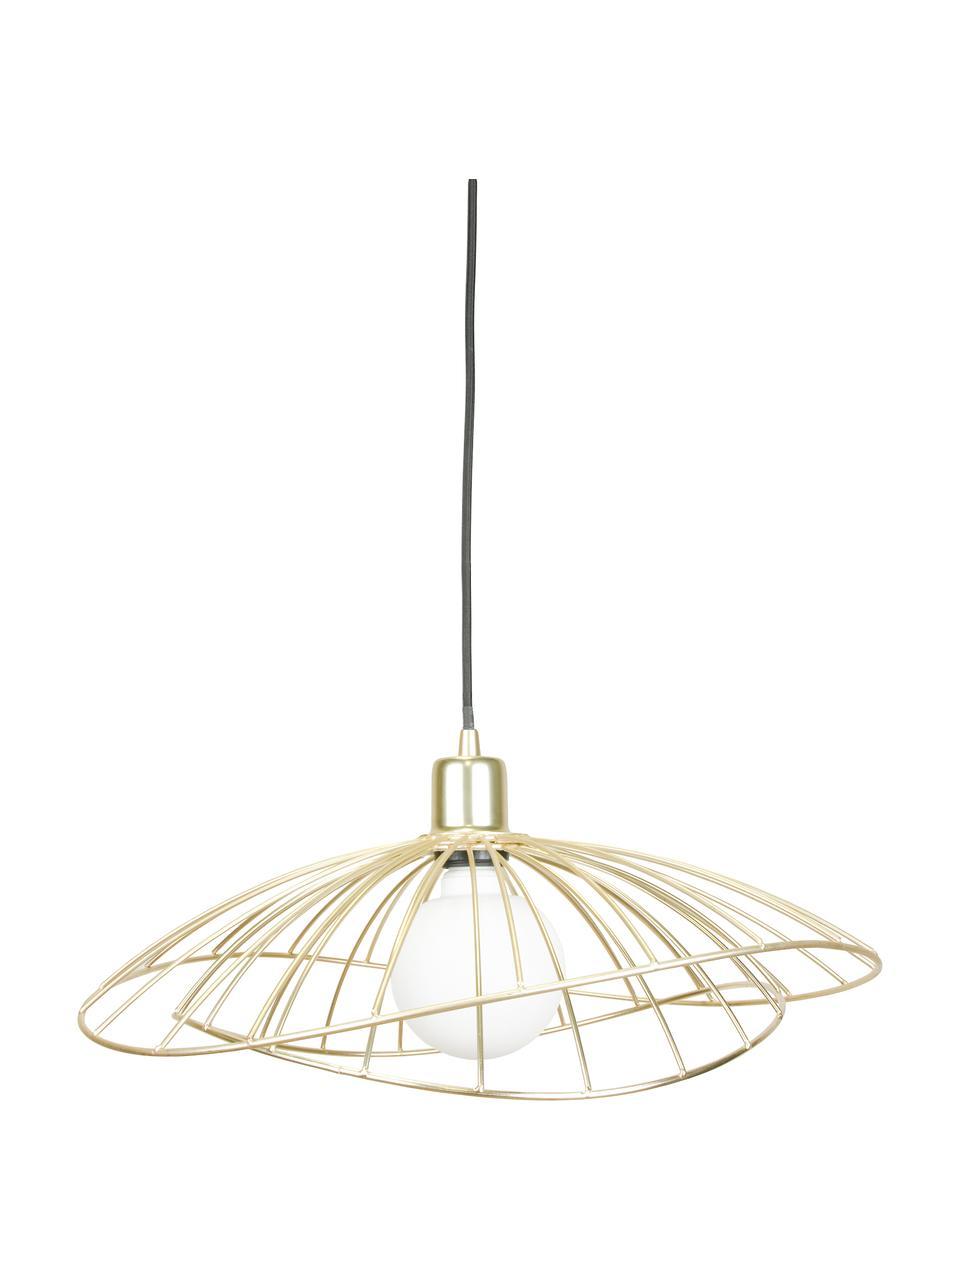 Lampada a sospensione di design Ray, Paralume: metallo ottonato e spazzo, Baldacchino: metallo verniciato, Ottonato spazzolato, Ø 45 x Alt. 25 cm